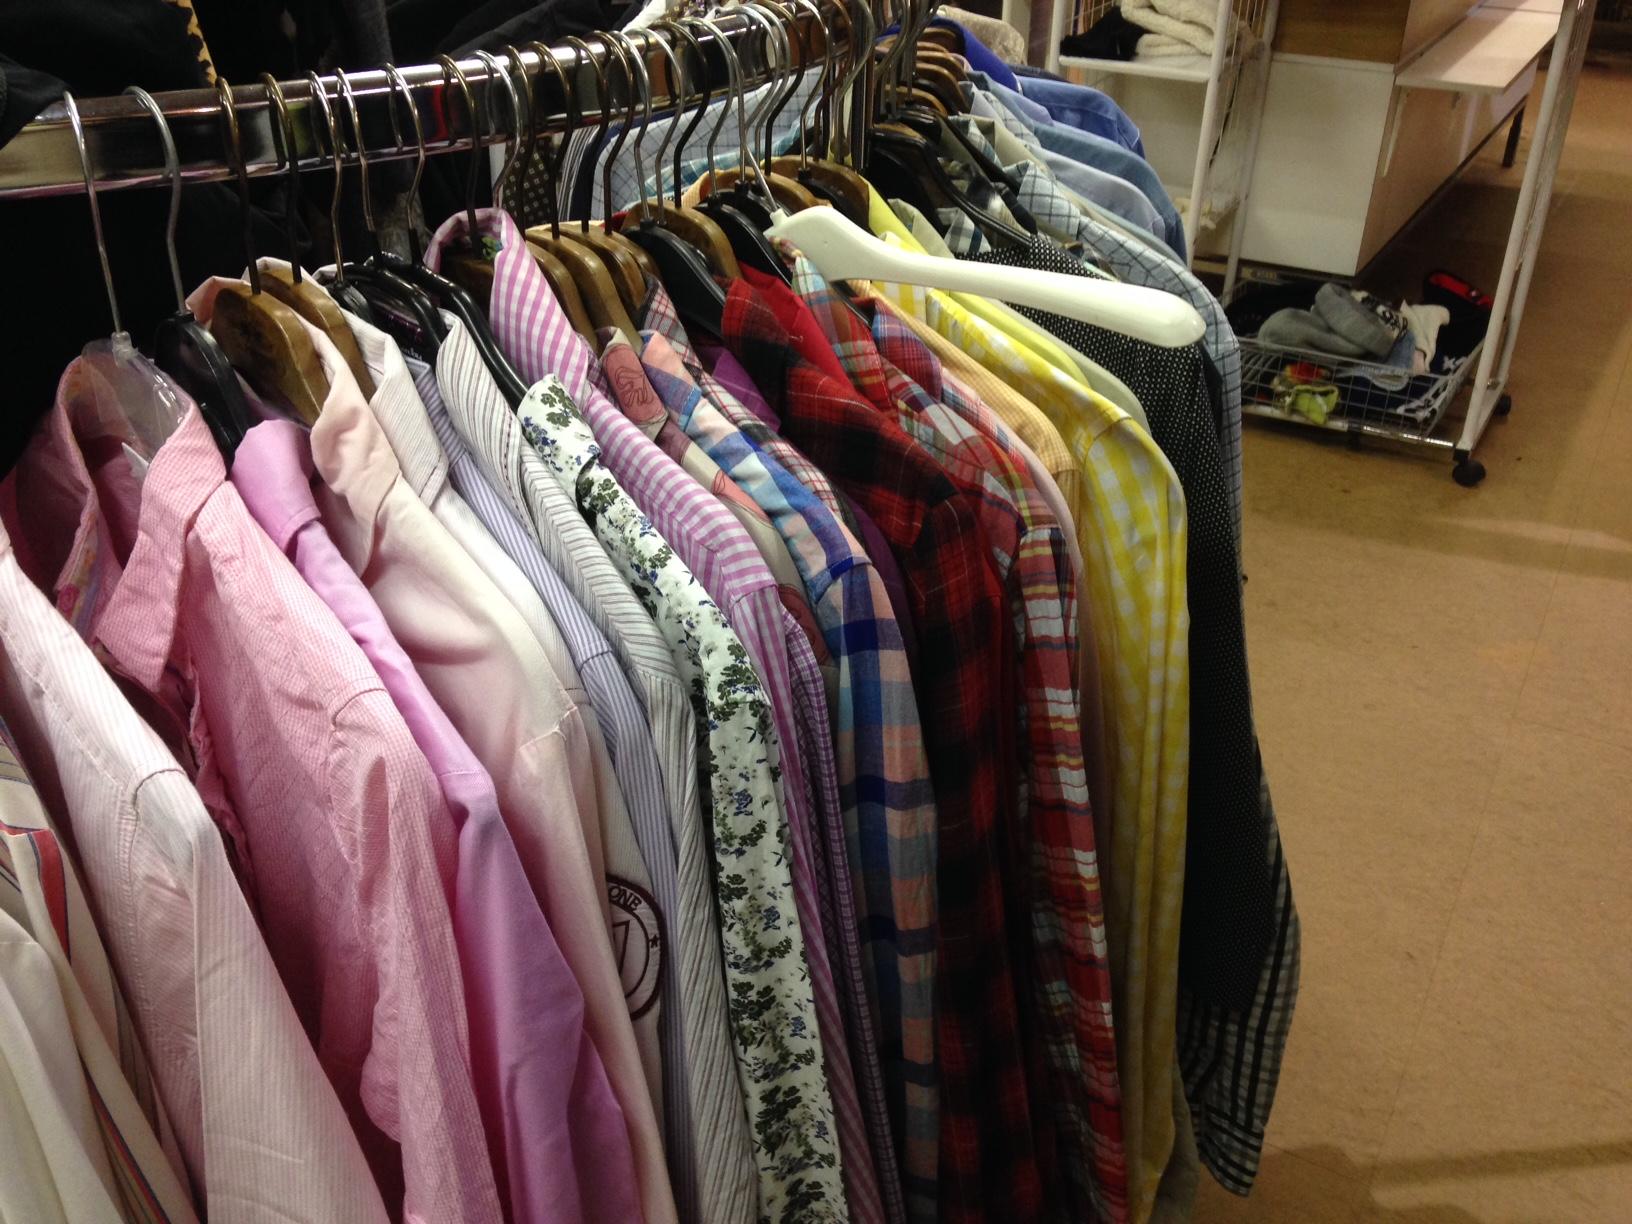 Hemden und Blusen im Brockenhaus nach Farbe sortiert. So geht Ordnung. (Bild: zentralplus/bas)